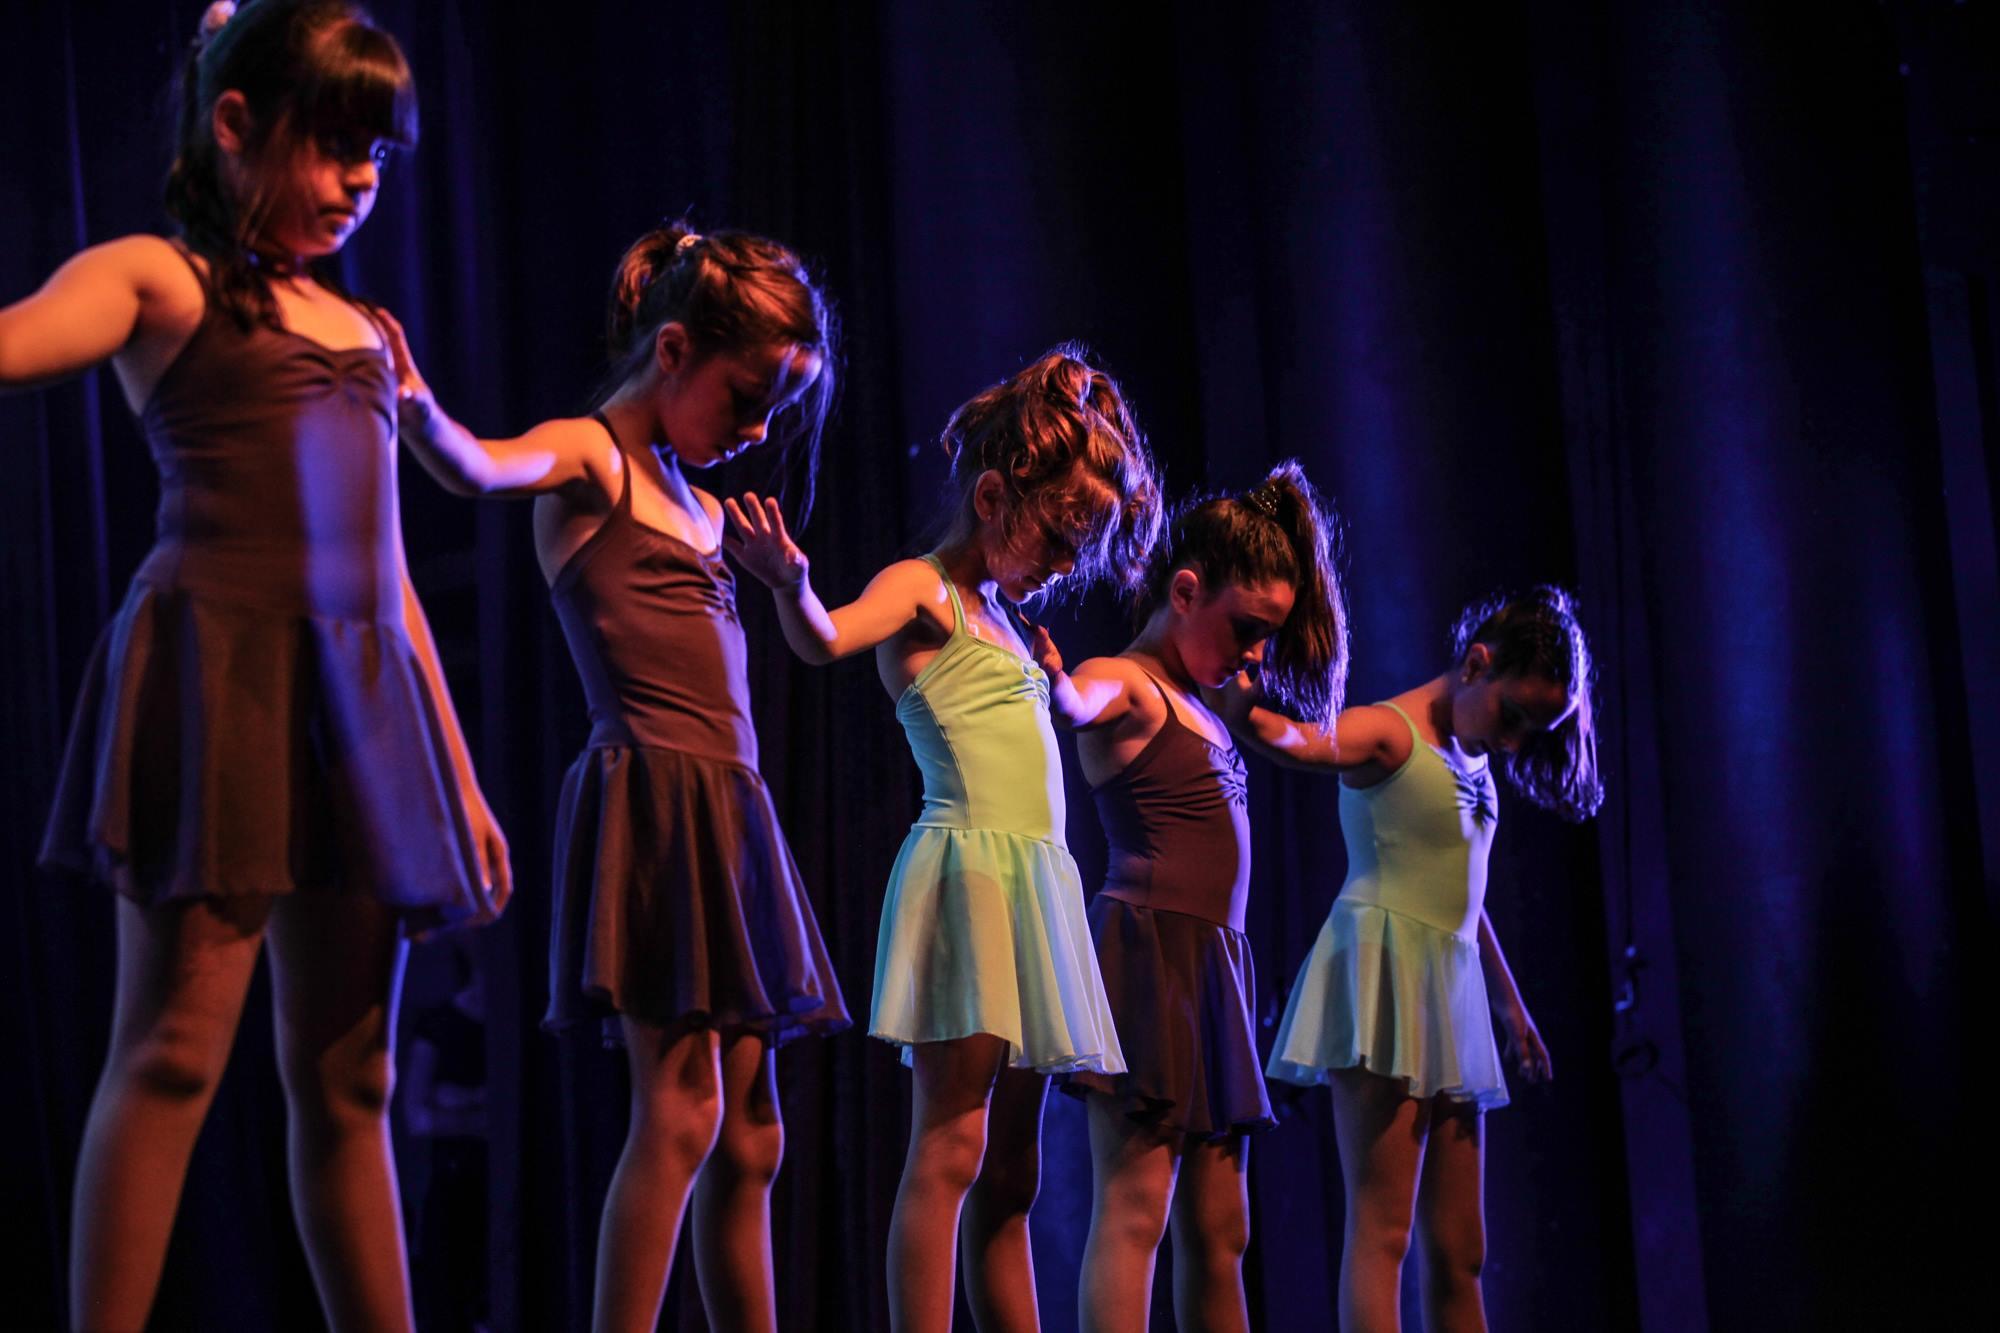 Clases de Danza Clásica San Isidro